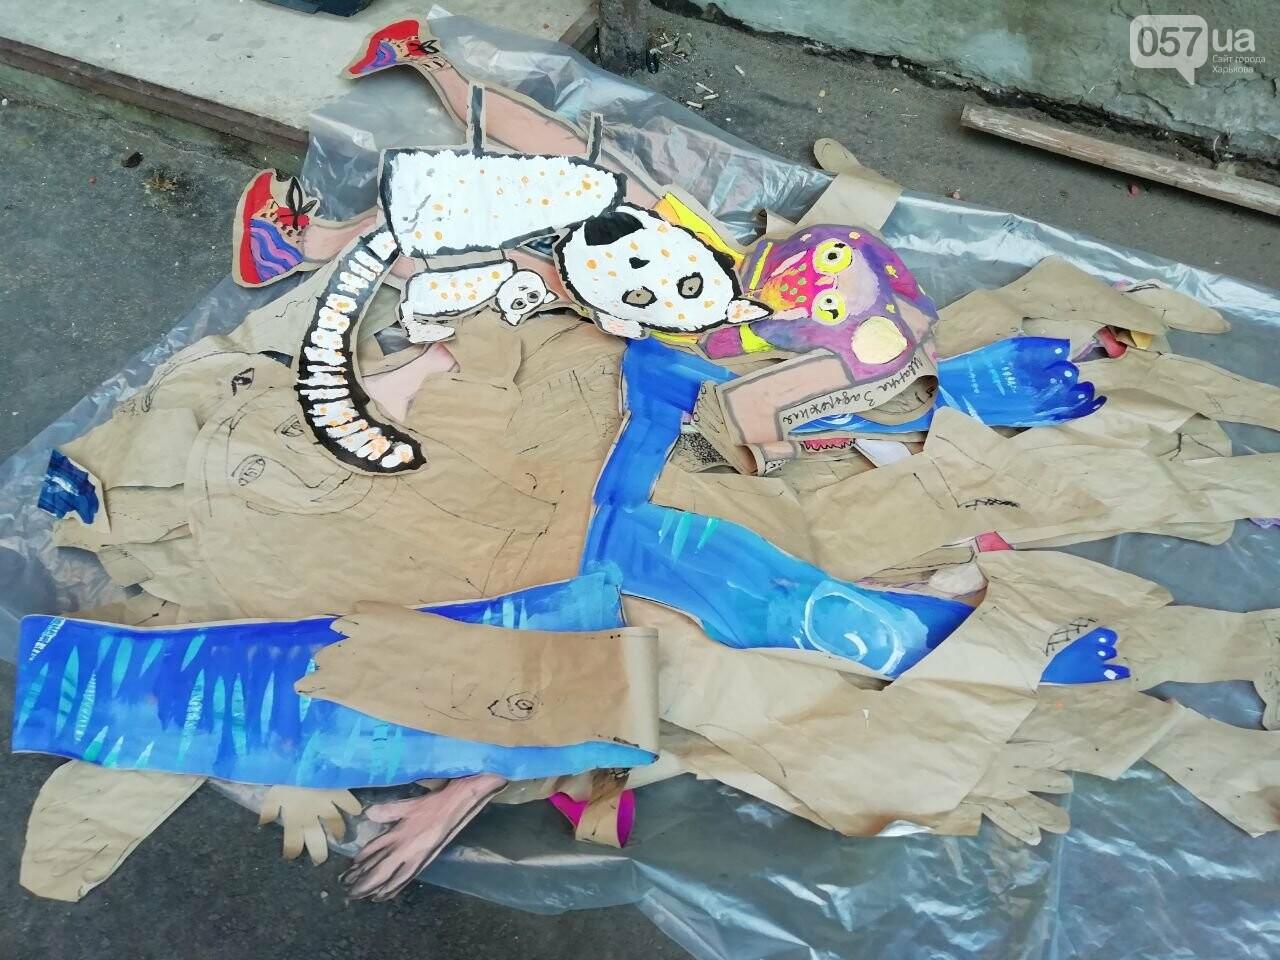 «Город – это мы»: в центре Харькова устроили яркую арт-акцию, - ФОТО, фото-10